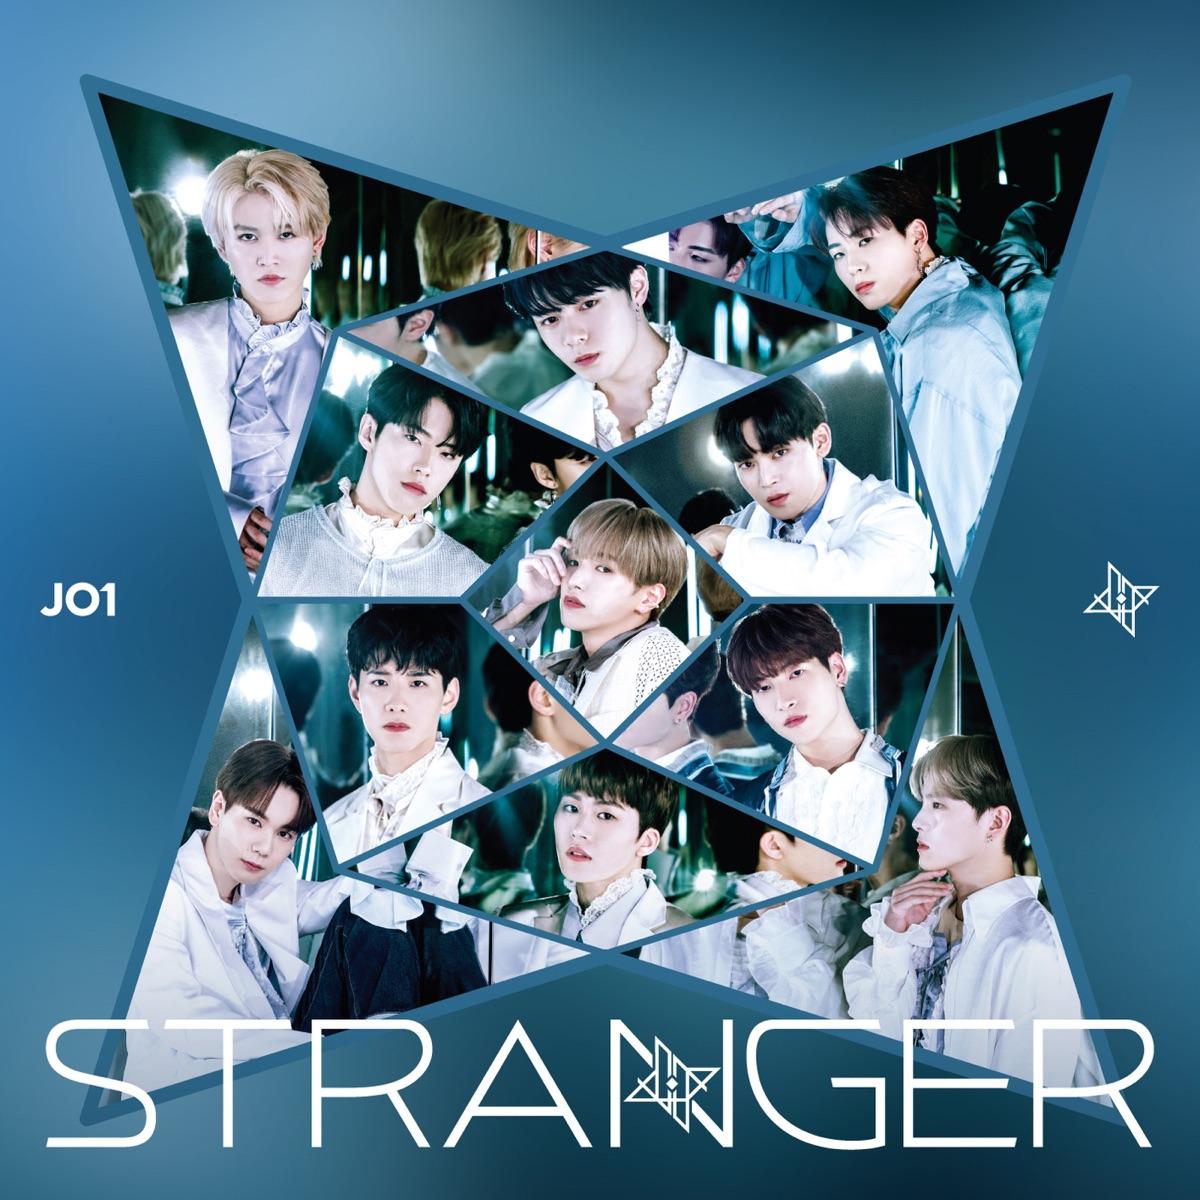 『JO1 - REAL』収録の『STRANGER』ジャケット